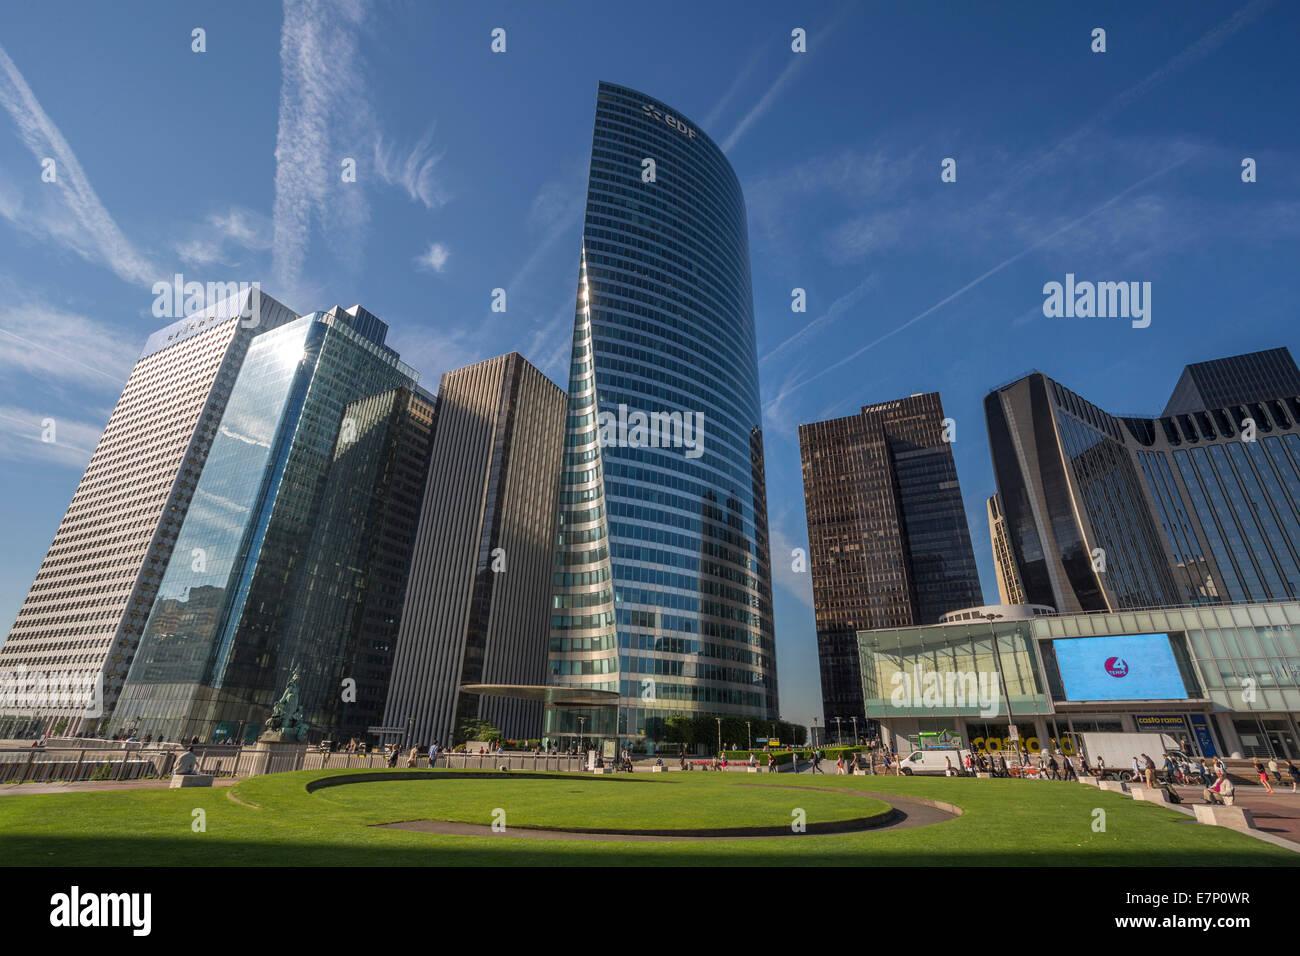 Defense, France, Europe, Paris, architecture, city, cityscape, pedestrians, skyline, touristic, urban, hi-rise, - Stock Image